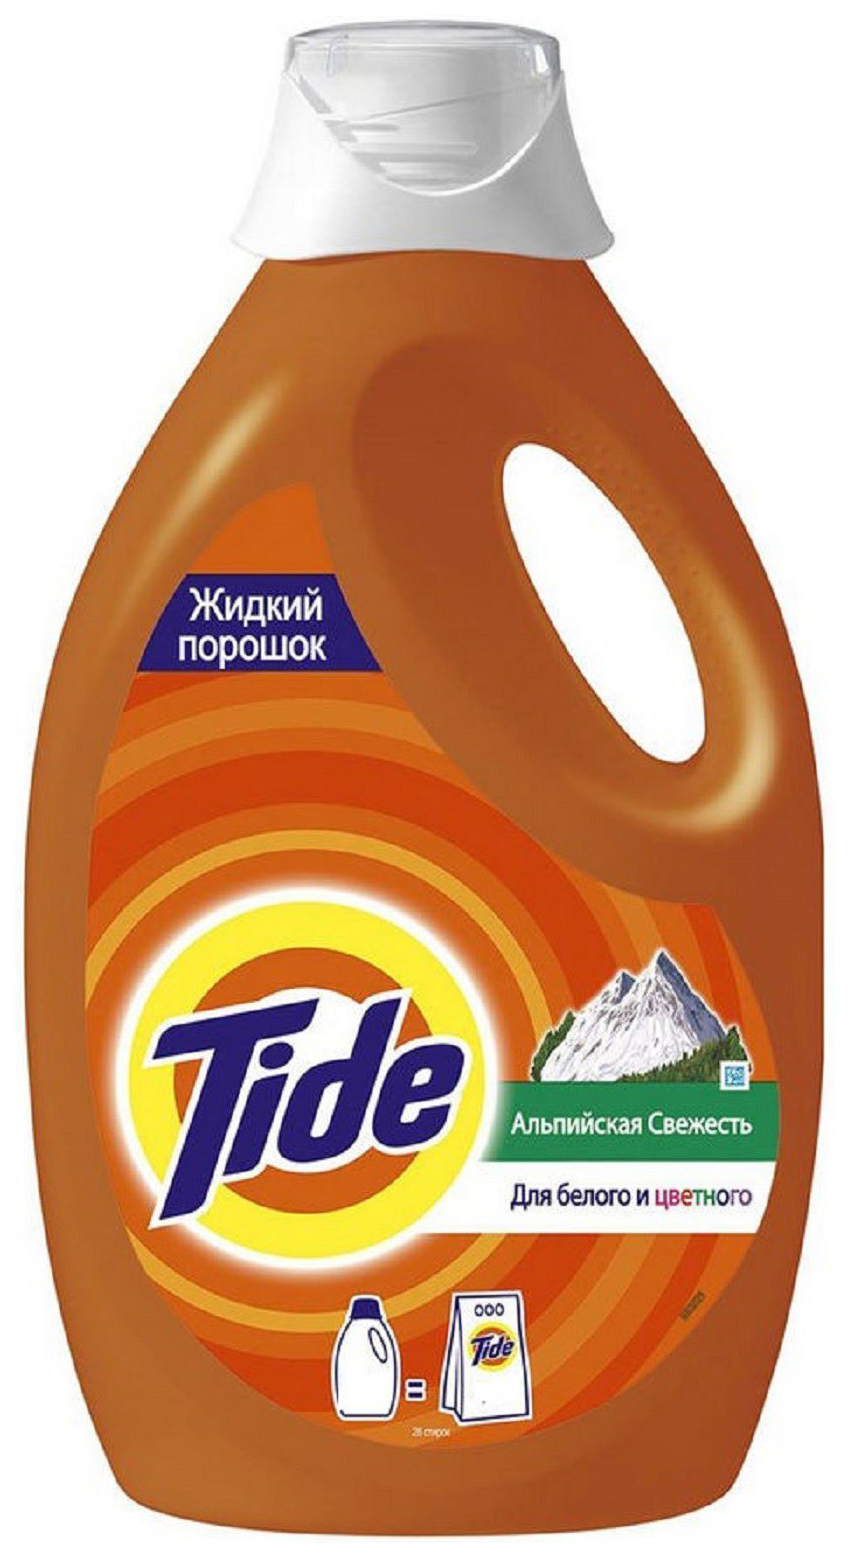 Гель для стирки Tide альпийская свежесть 0.975 л